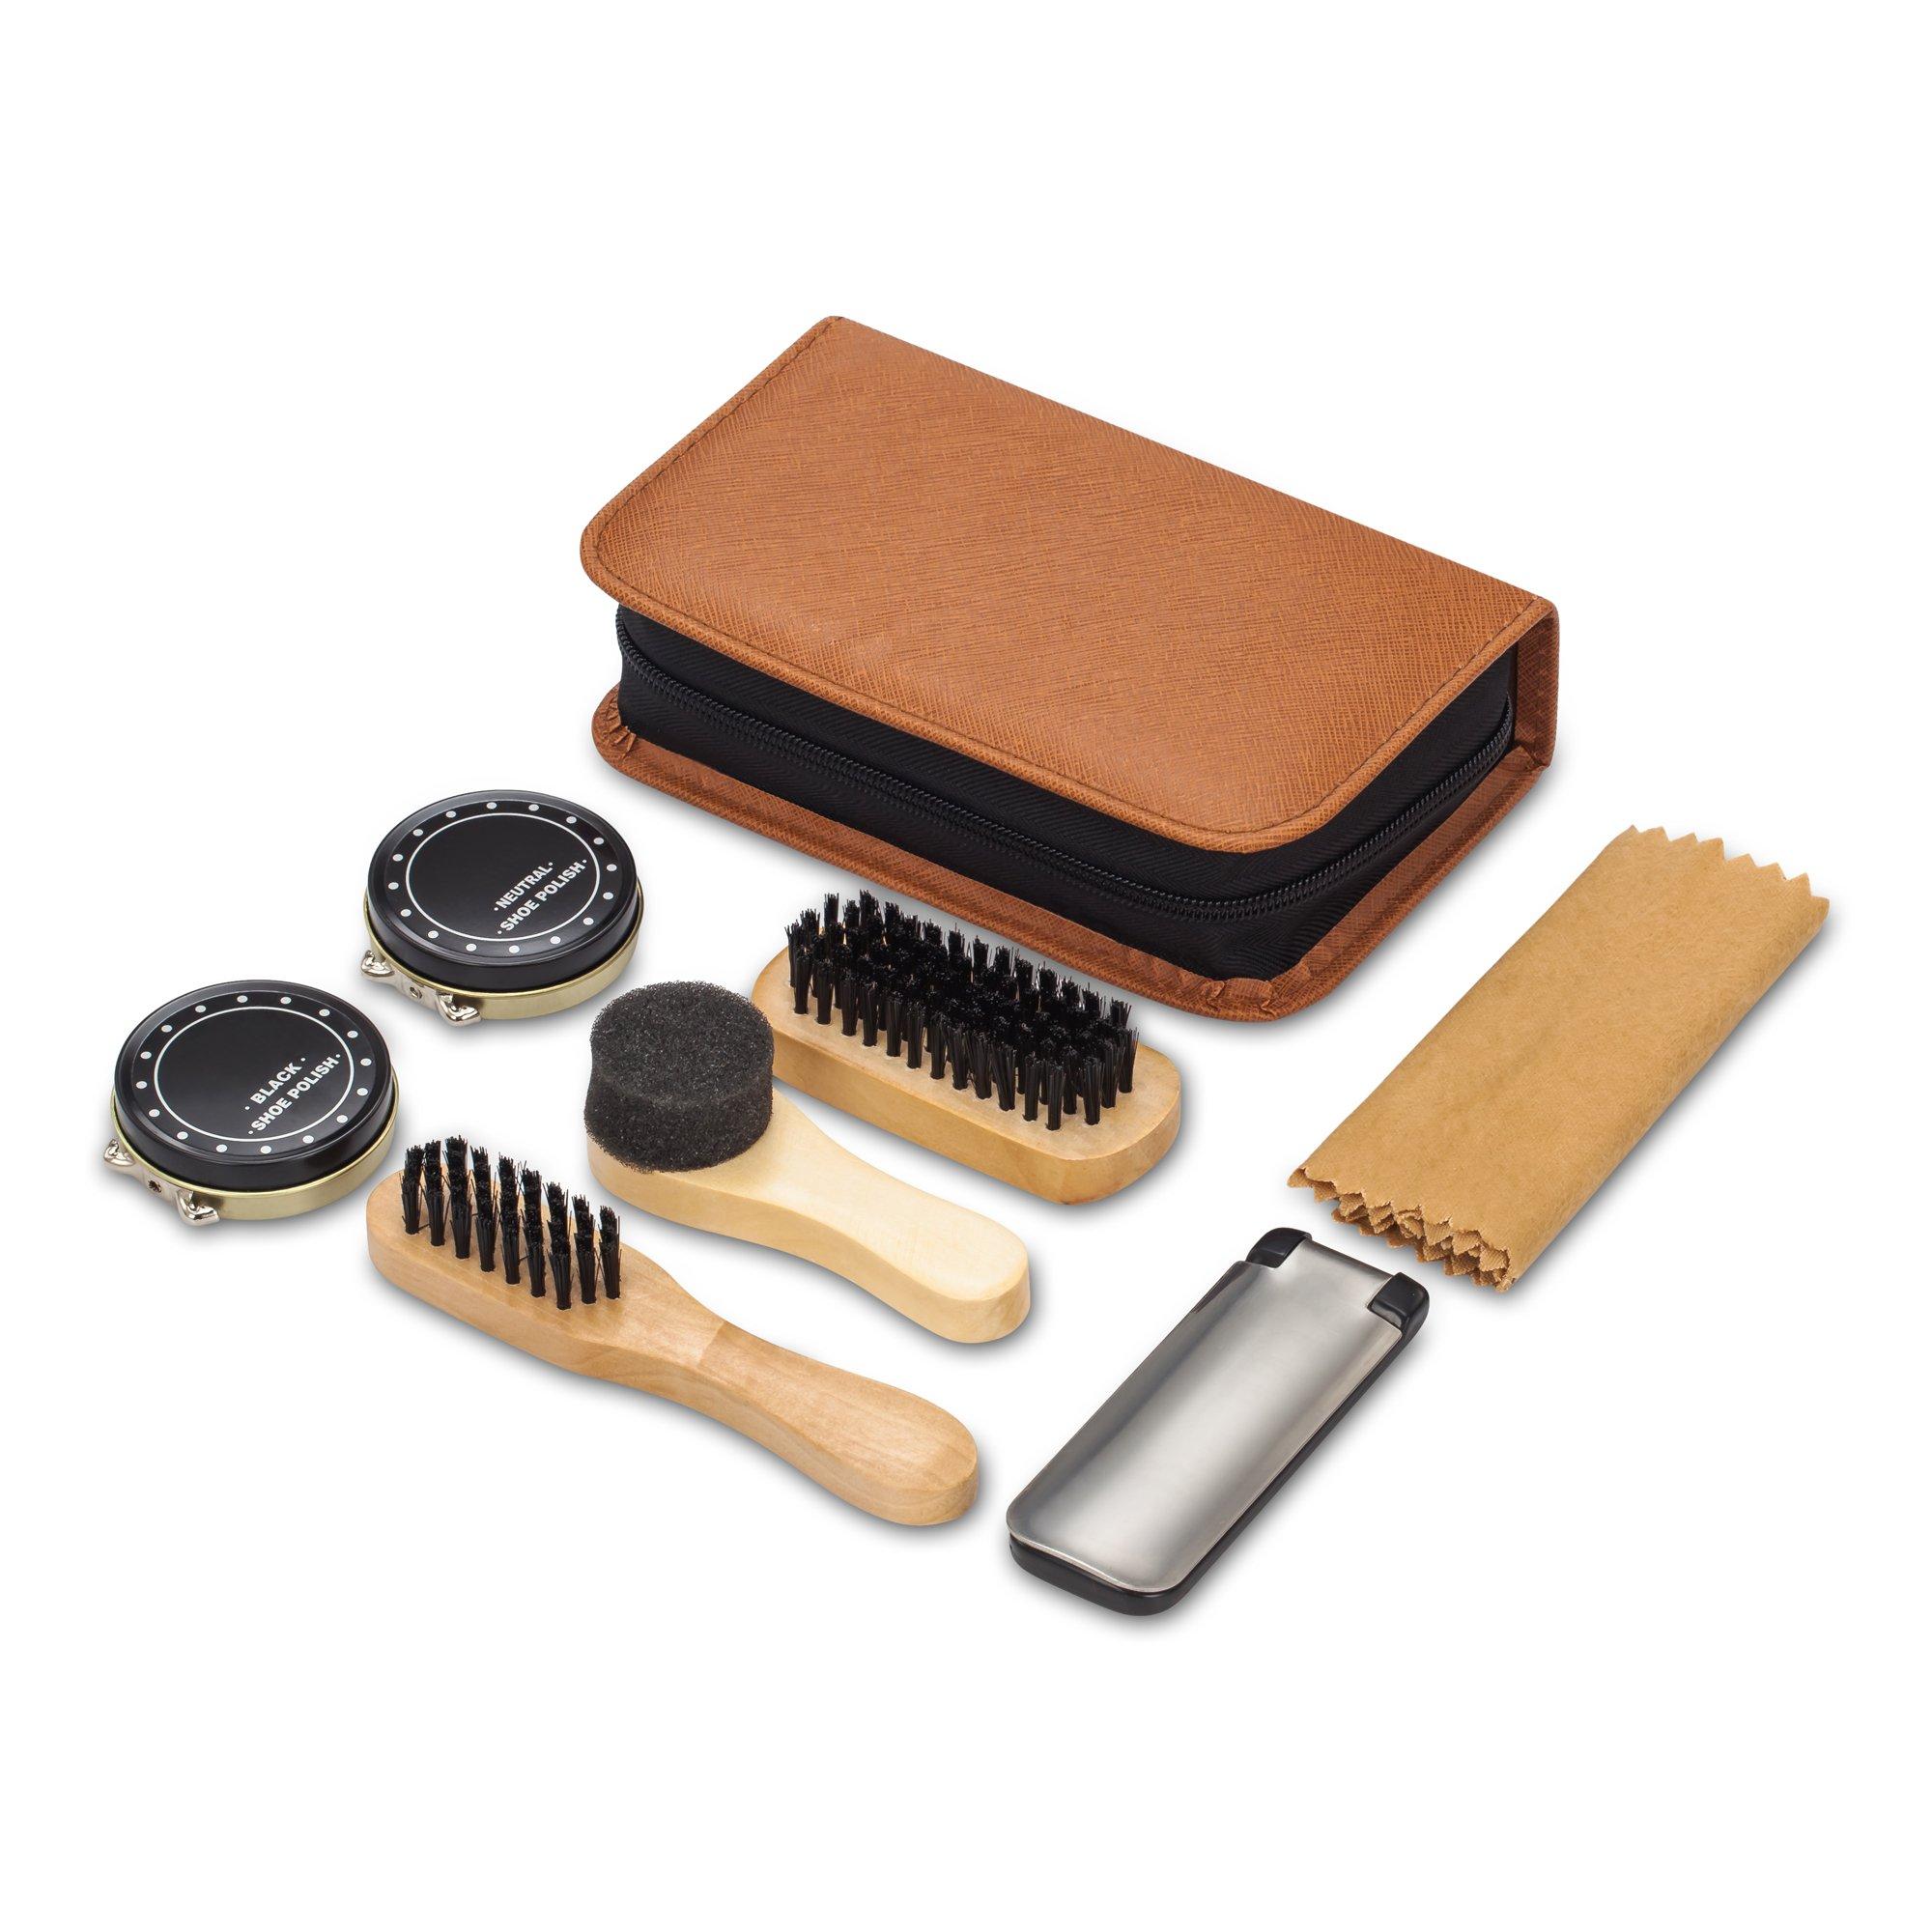 Shoe Shine Kit with PU Leather Sleek Elegant Case, 7-Piece Travel Shoe Shine Brush kit by make it funwan (Image #3)